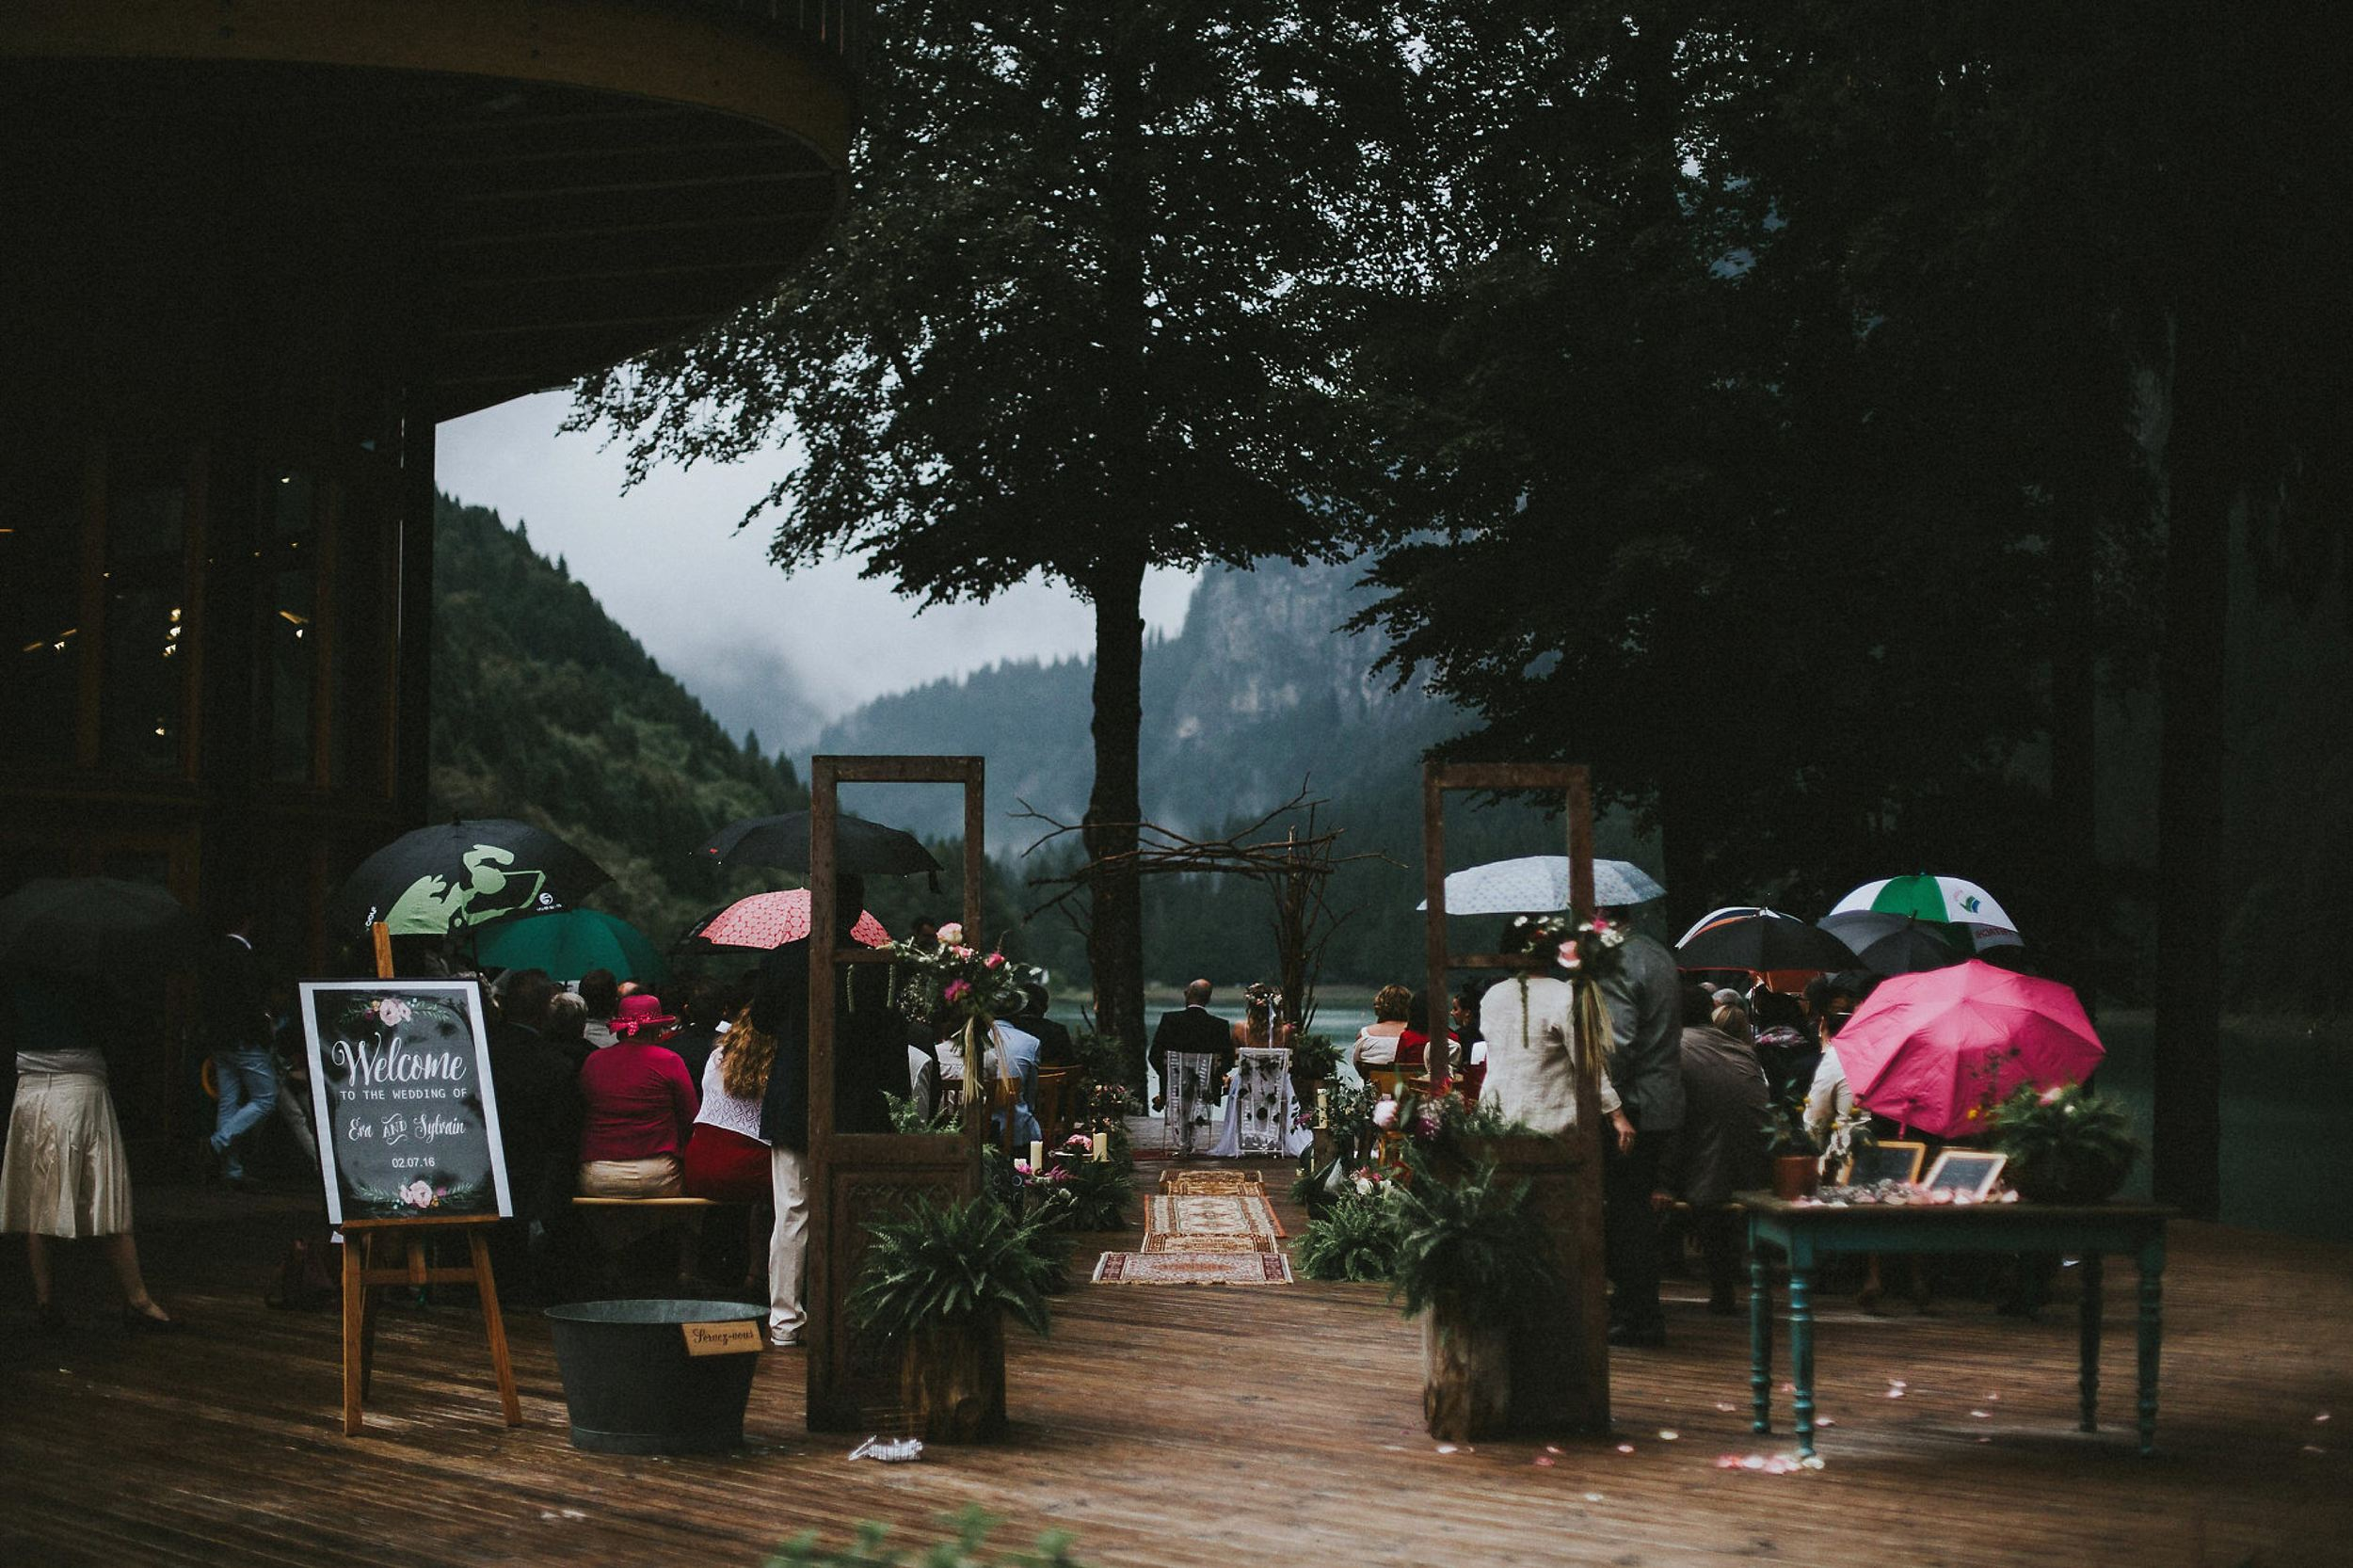 mariage-suisse-haute-savoie-domaine-baron-steven-bassillieaux-bordeaux-dordogne-wedding-photographe-52.jpg